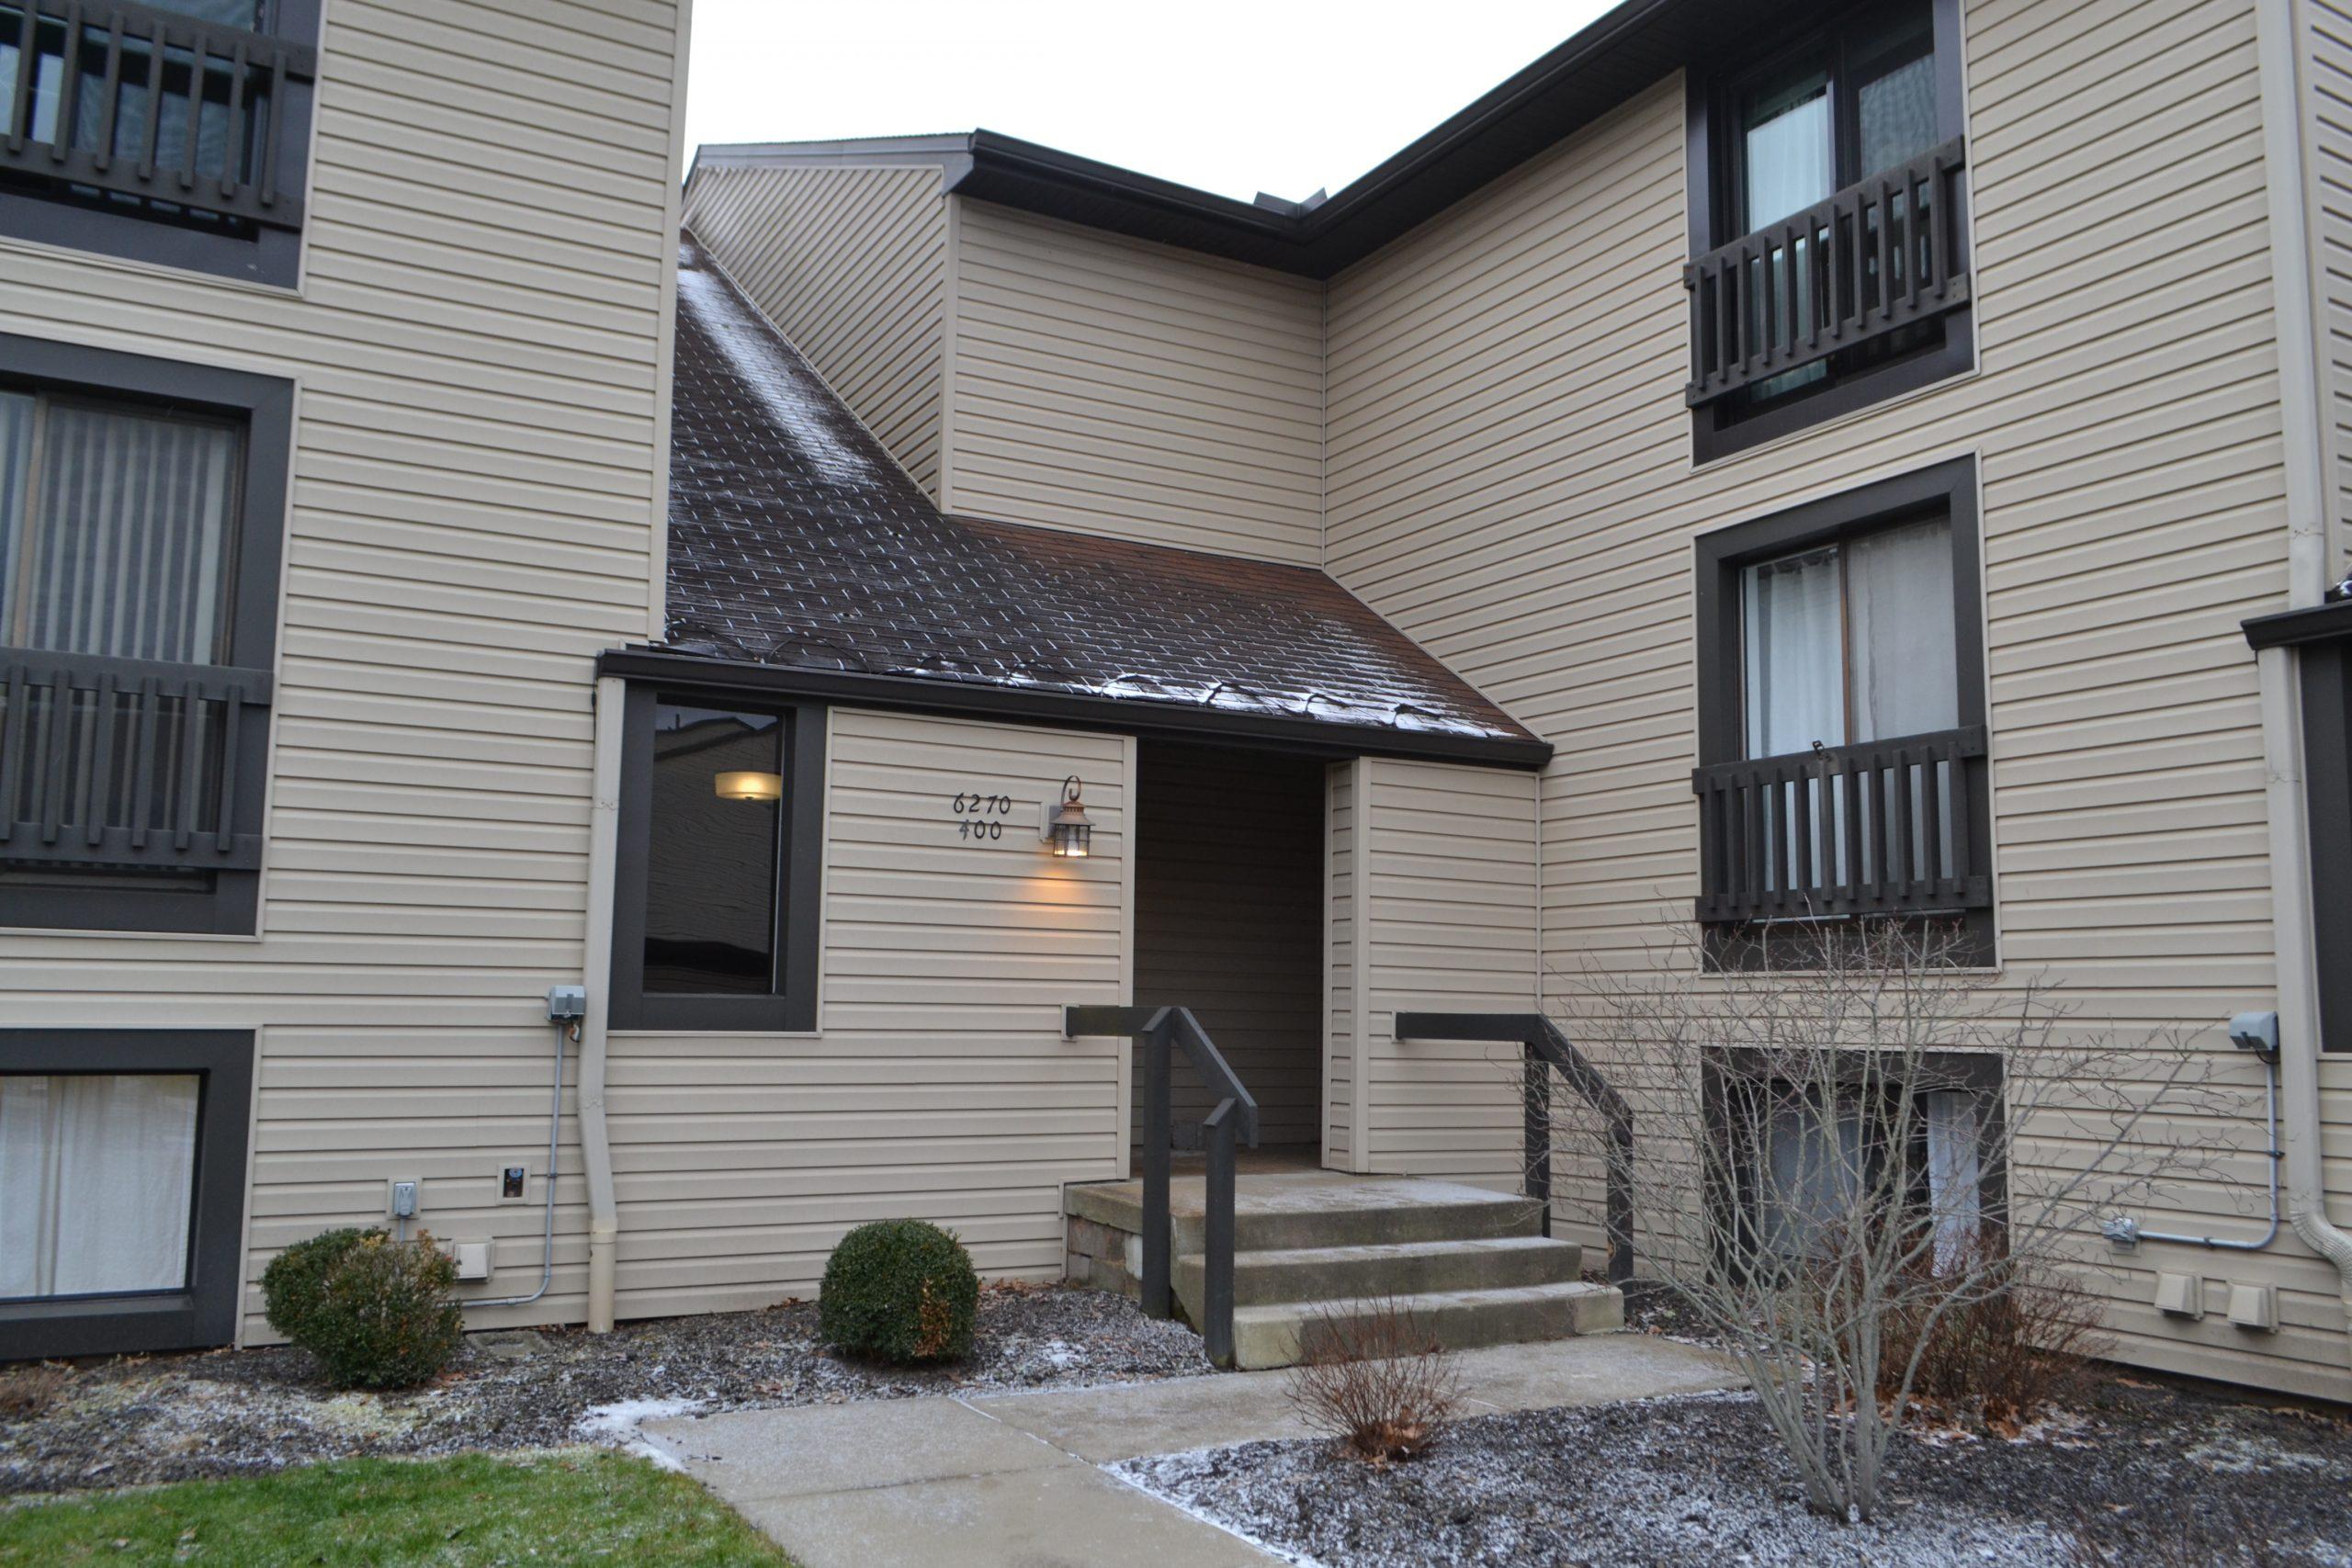 Northfield, OH - $84,900